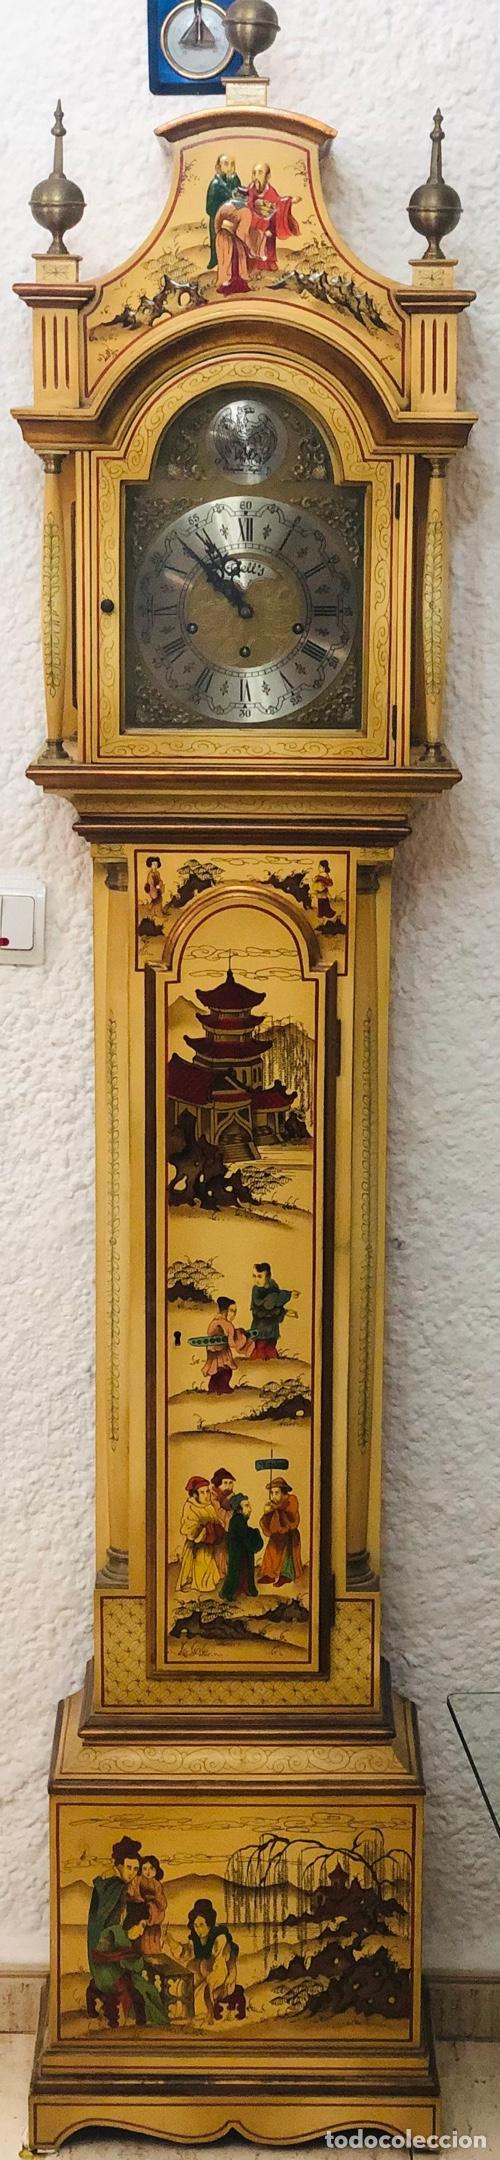 RELOJ PIE TEMPUS FUGIT EDICIÓN COLECCIONISTA (Relojes - Pie Carga Manual)